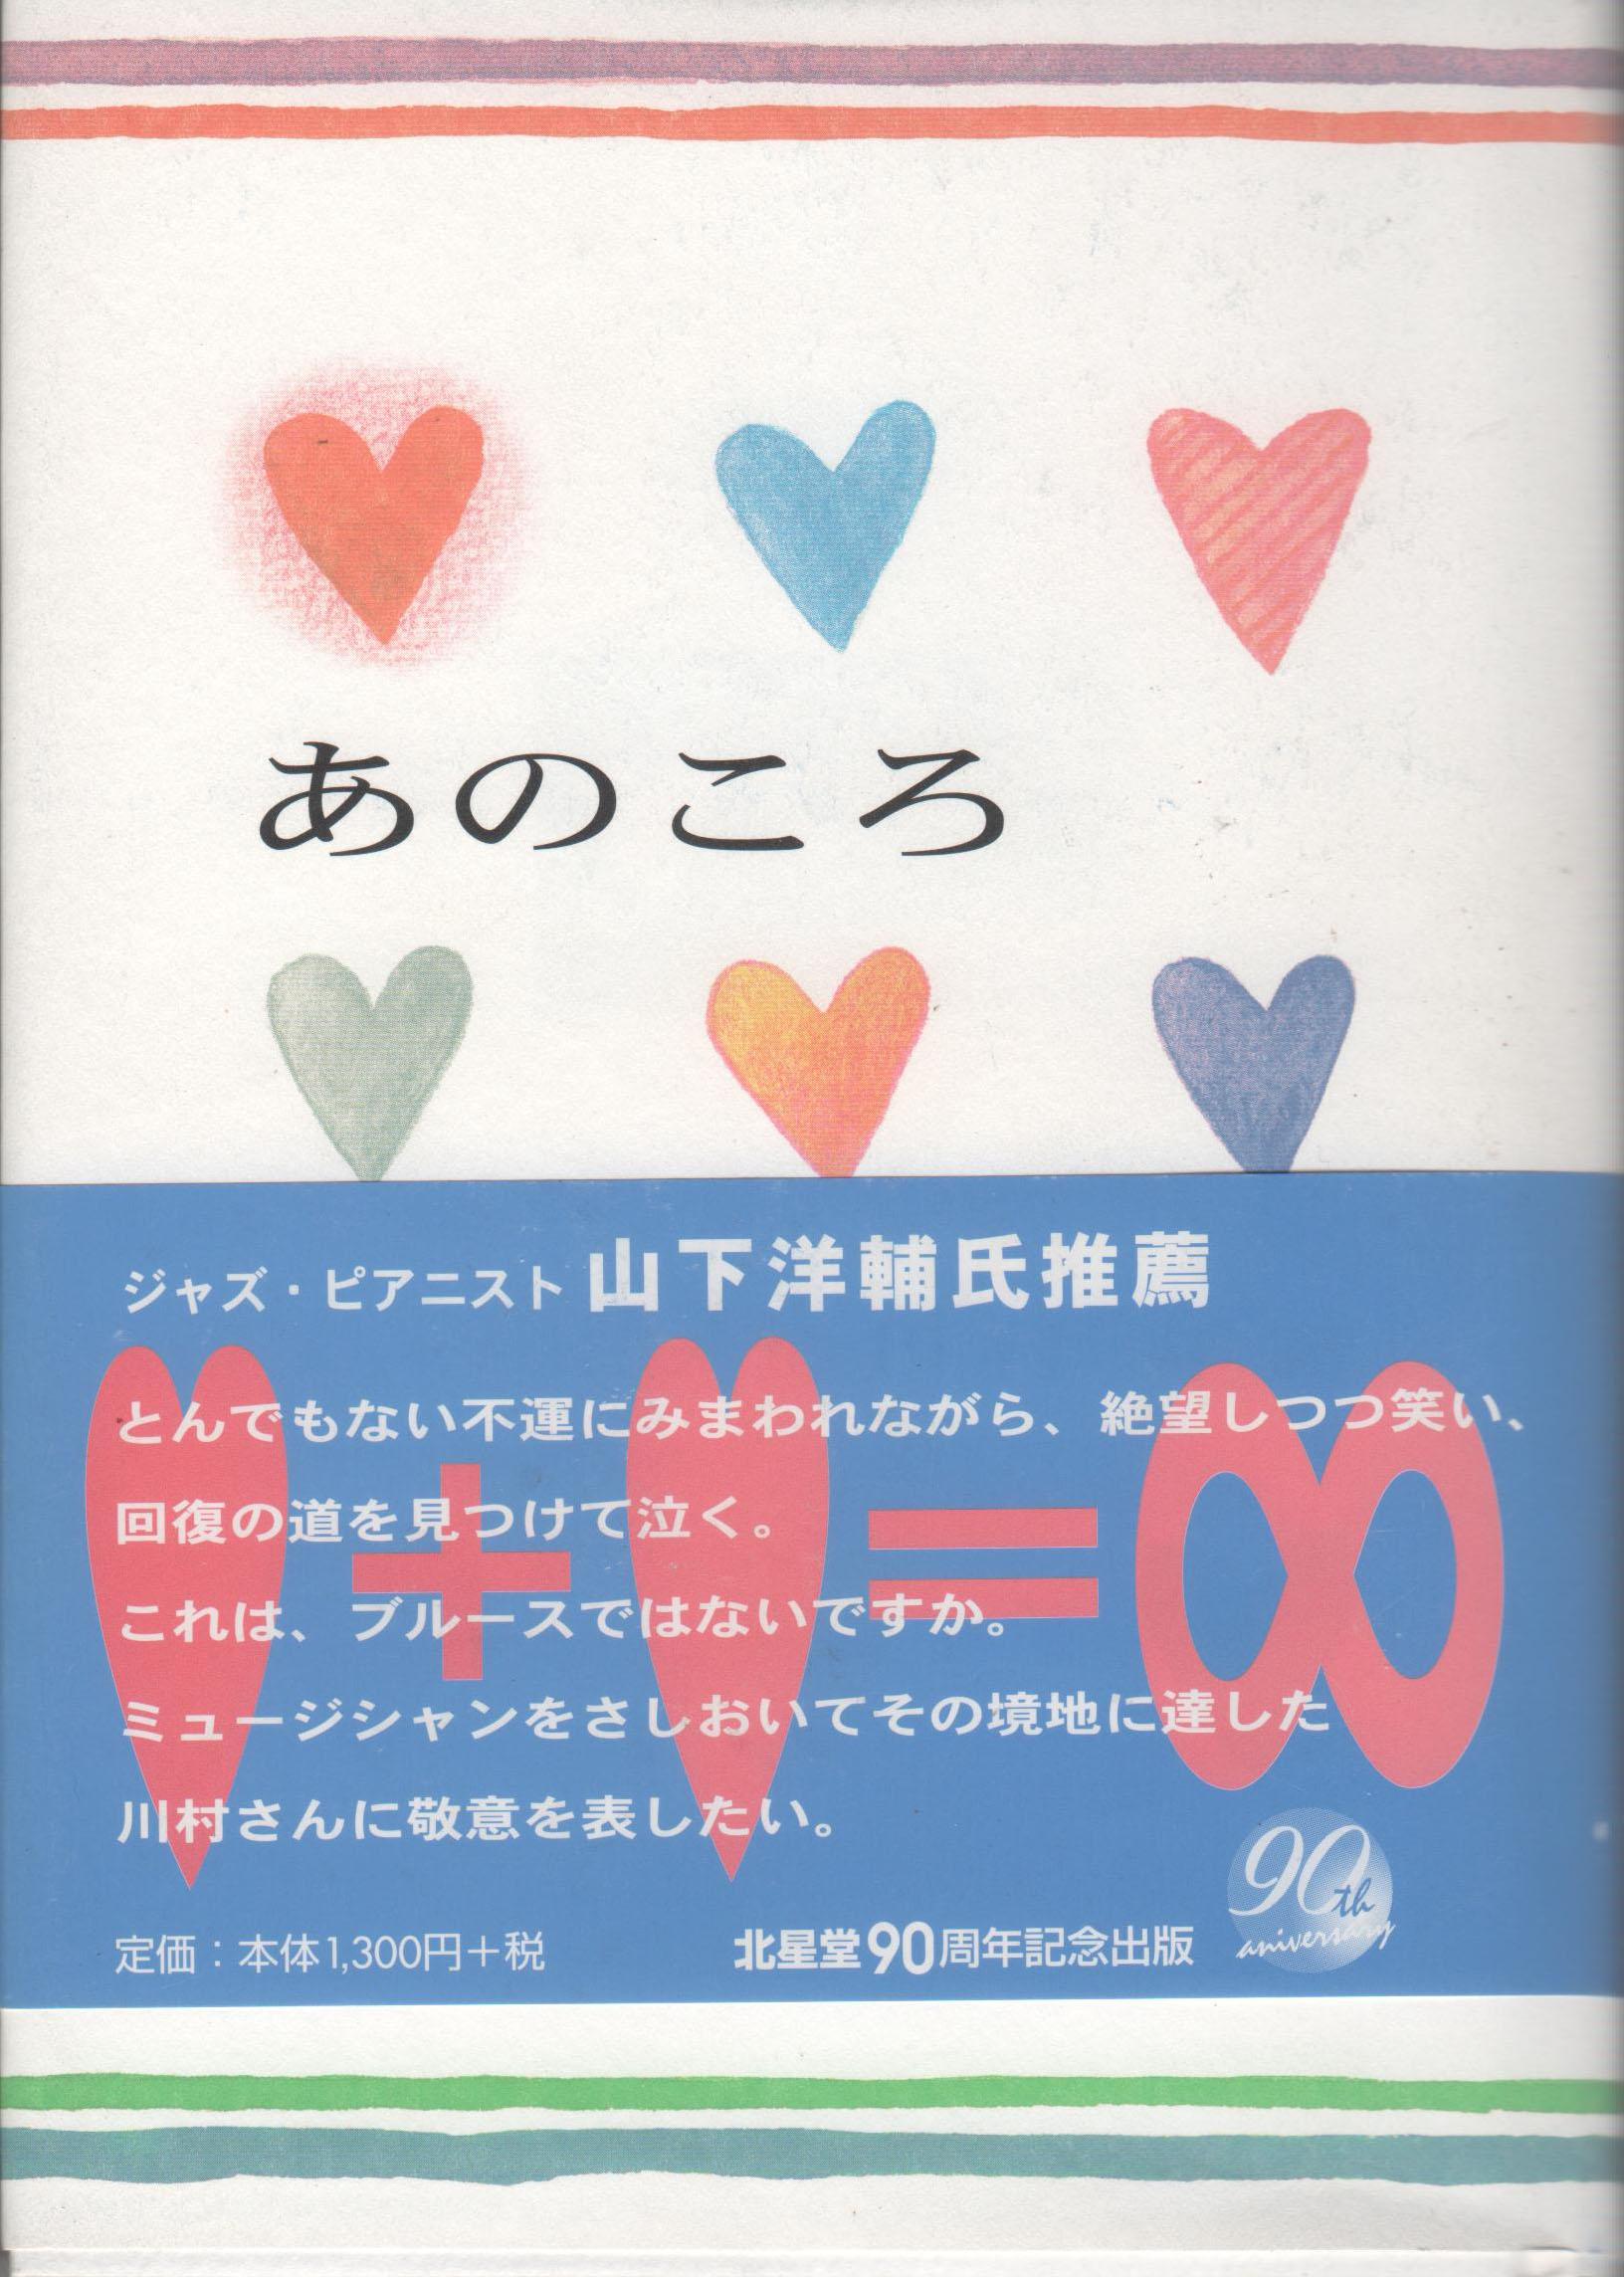 BOOK-KT-001